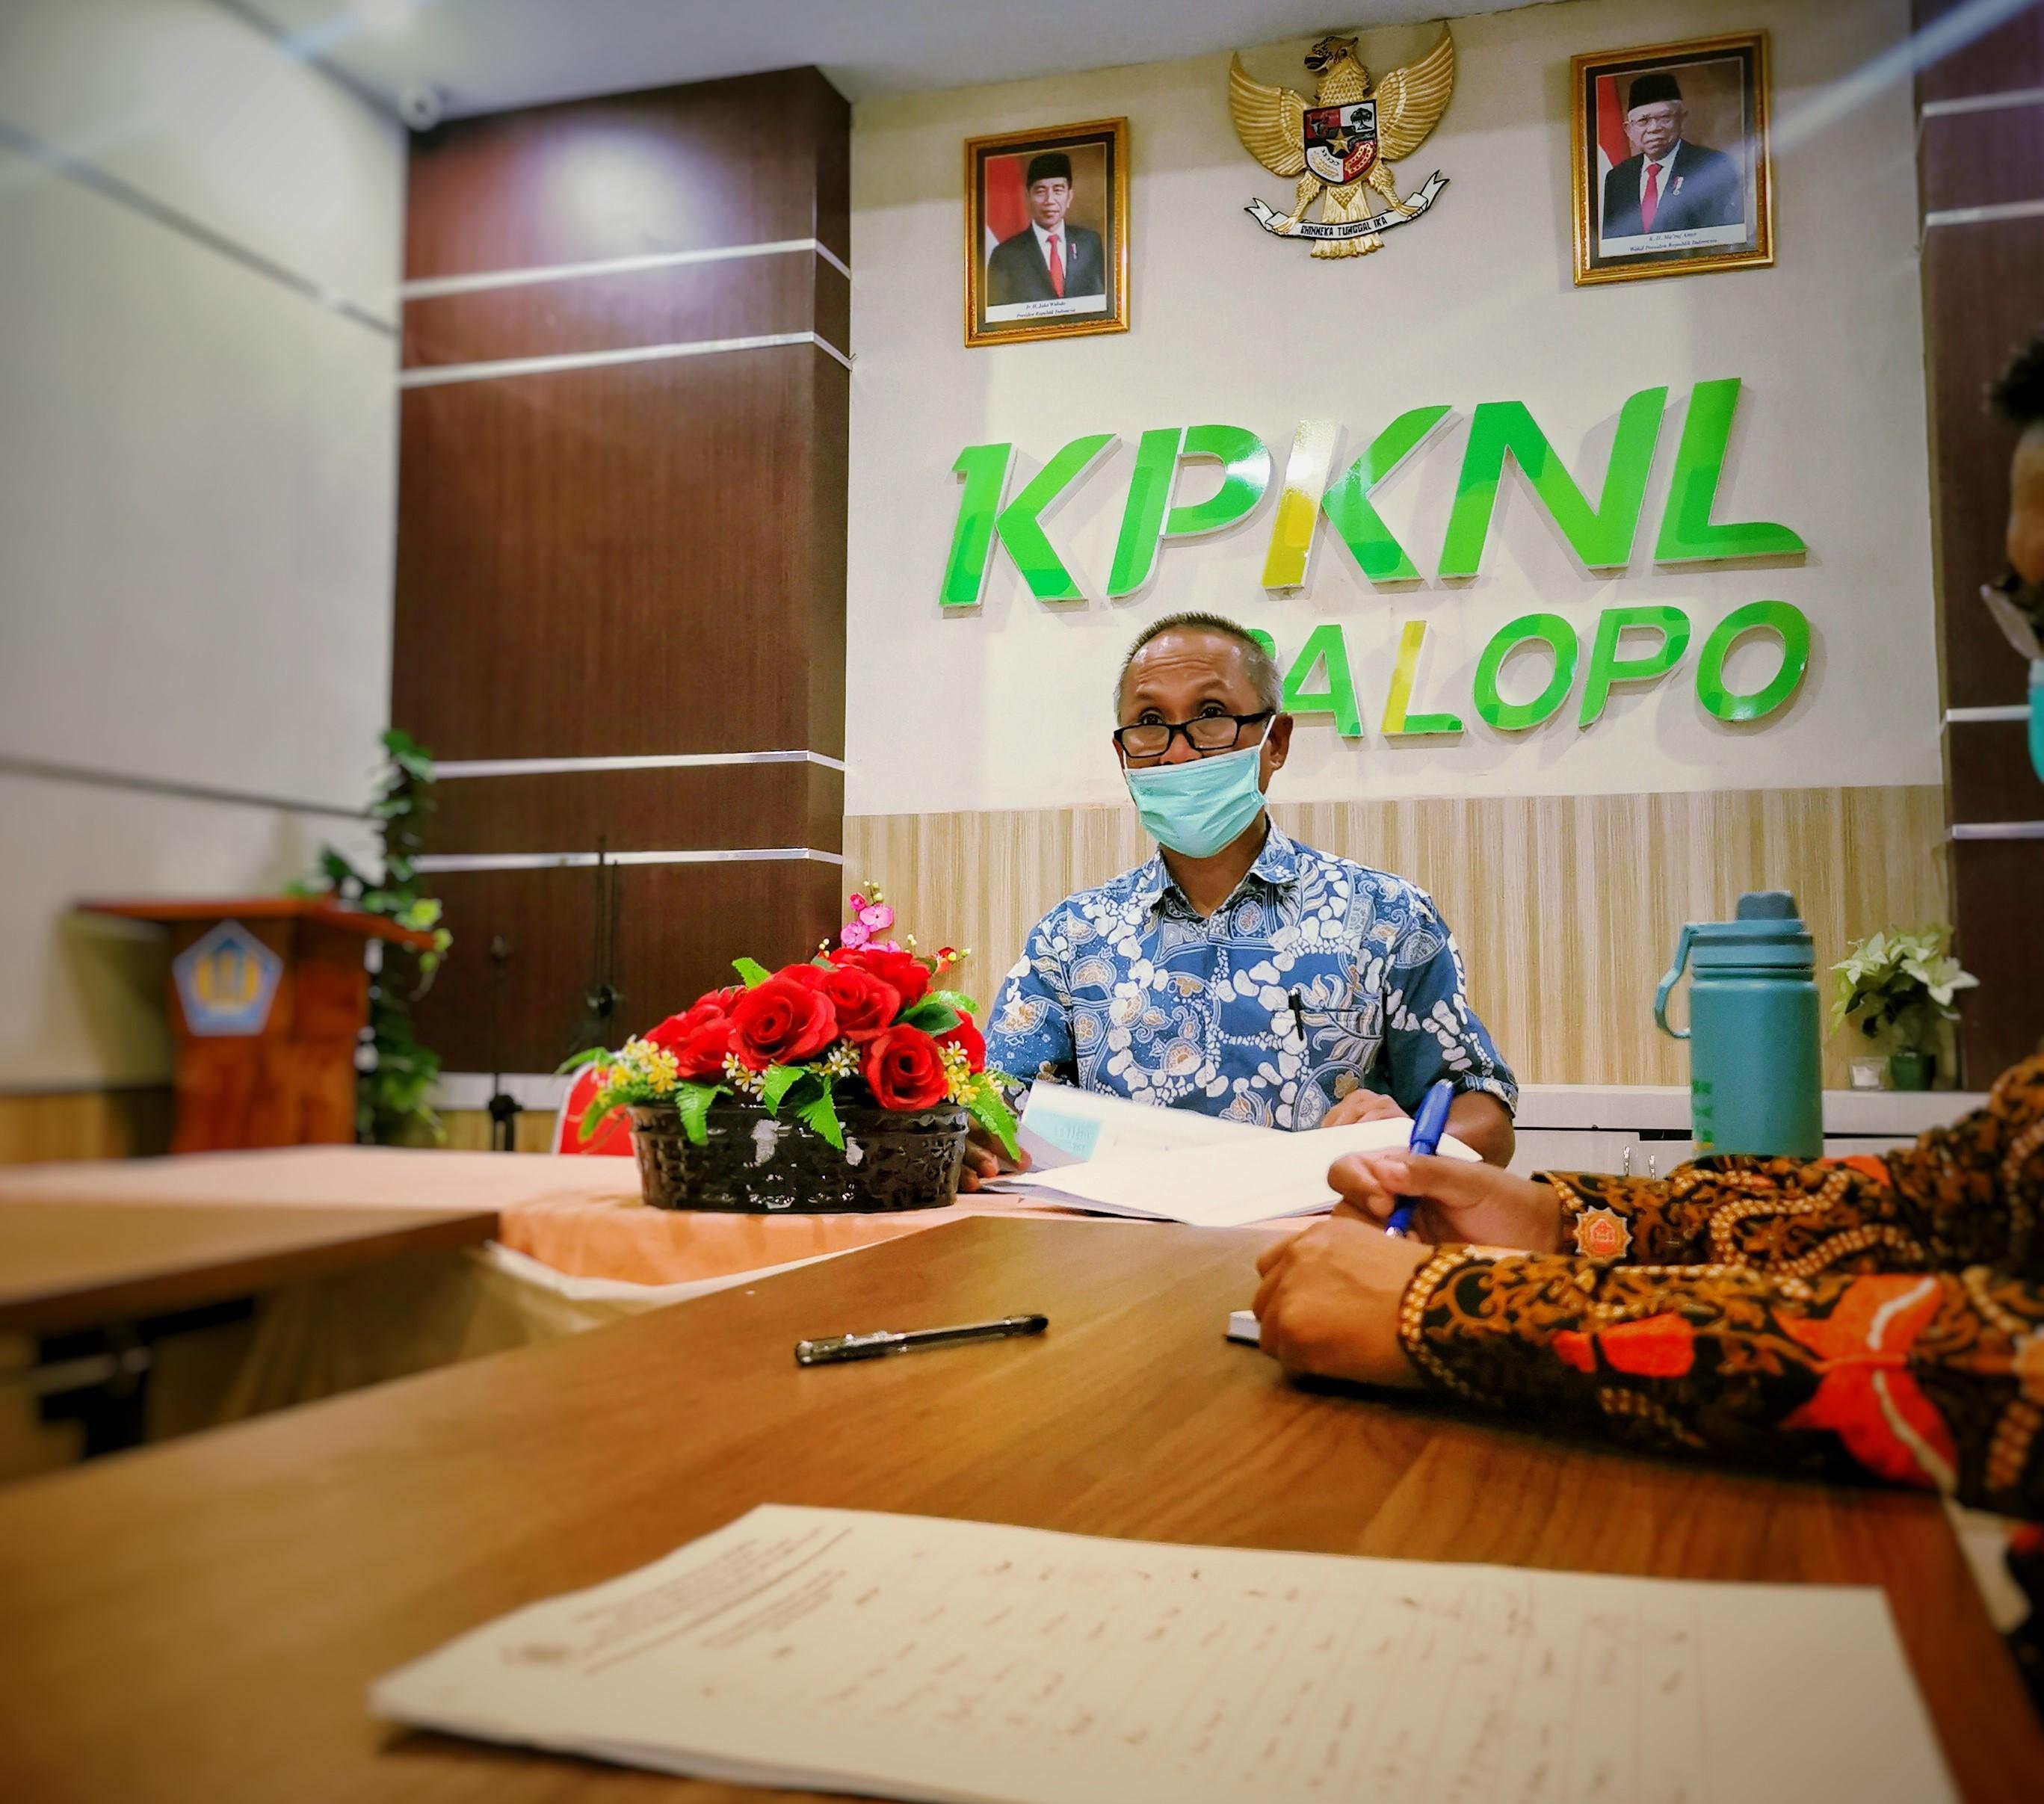 """Laksanakan FGD, Kepala KPKNL Palopo : """"Kita Harus Berperan Aktif Edukasi Masyarakat dengan Data yang Valid"""""""